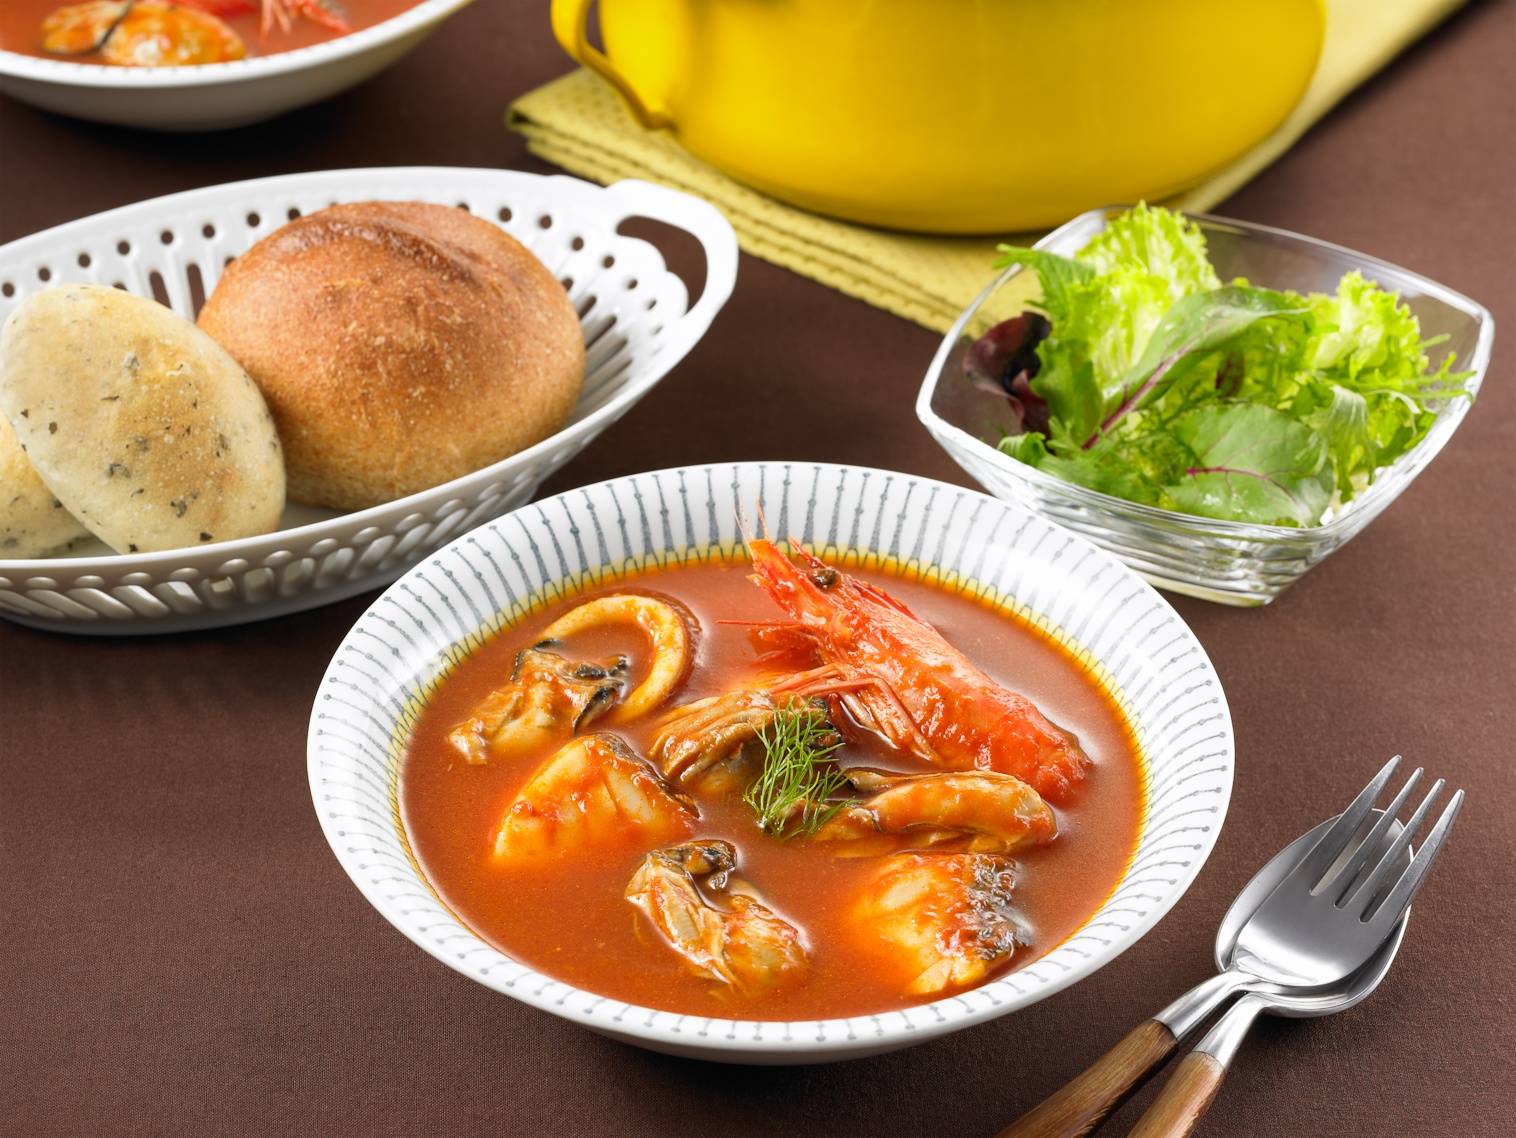 ブイヤベース用スープ 盛り付けイメージ